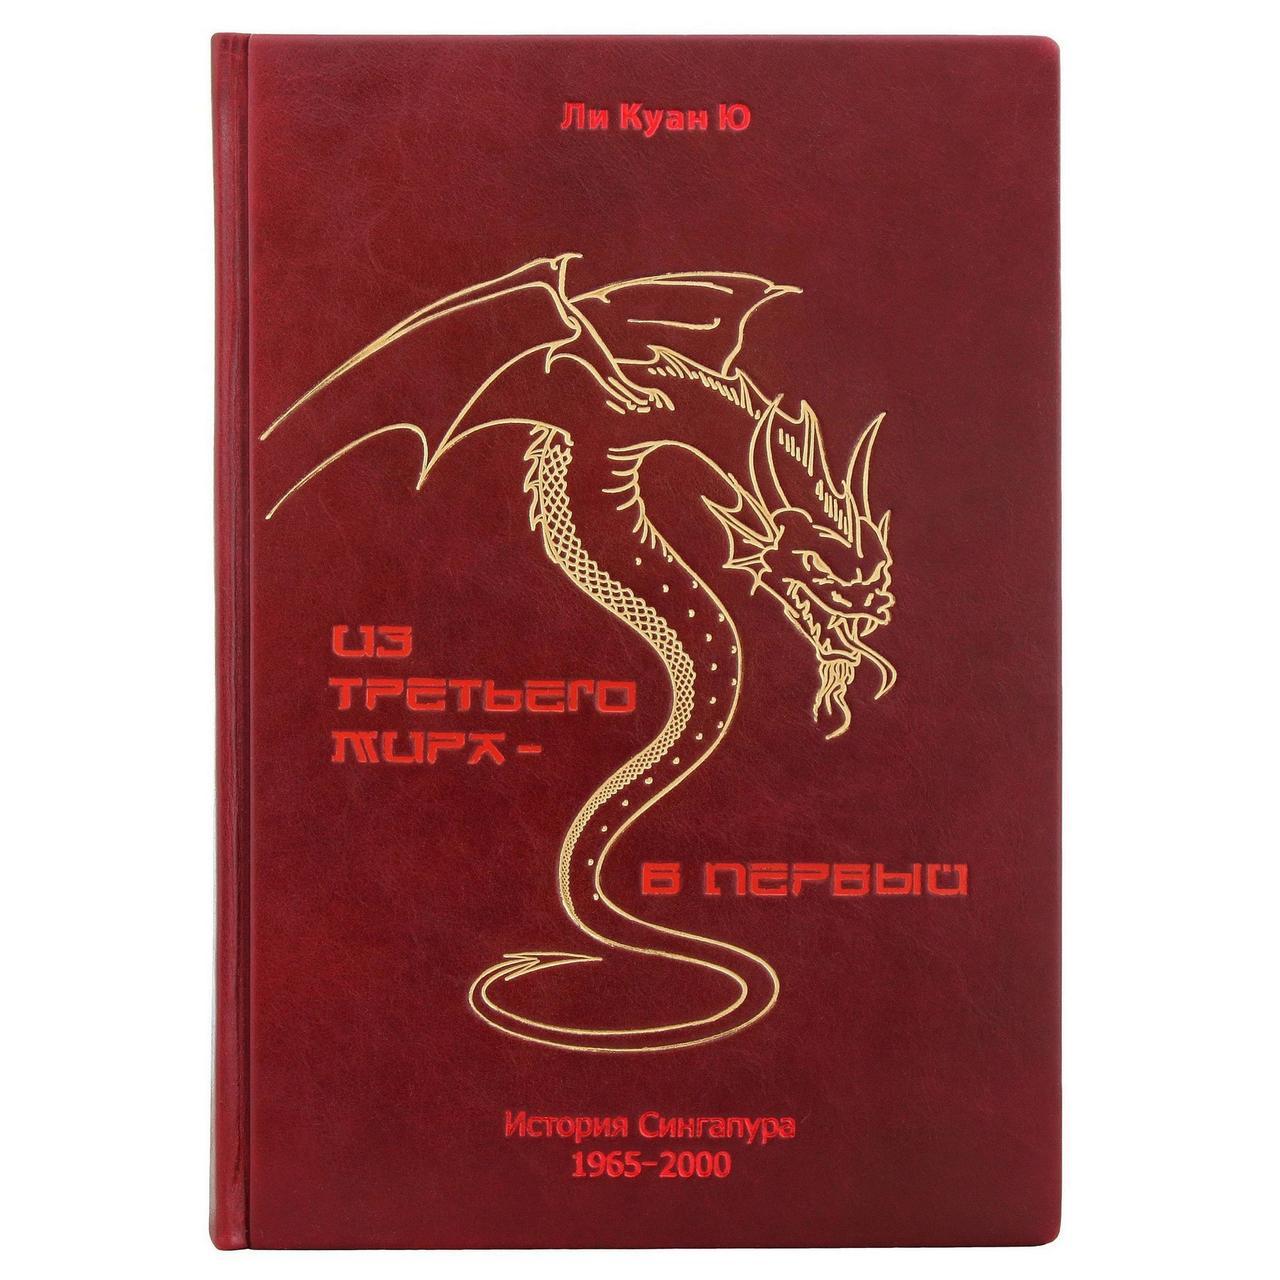 """Книга """"Из третьего мира в первый"""" Ли Куан Ю"""